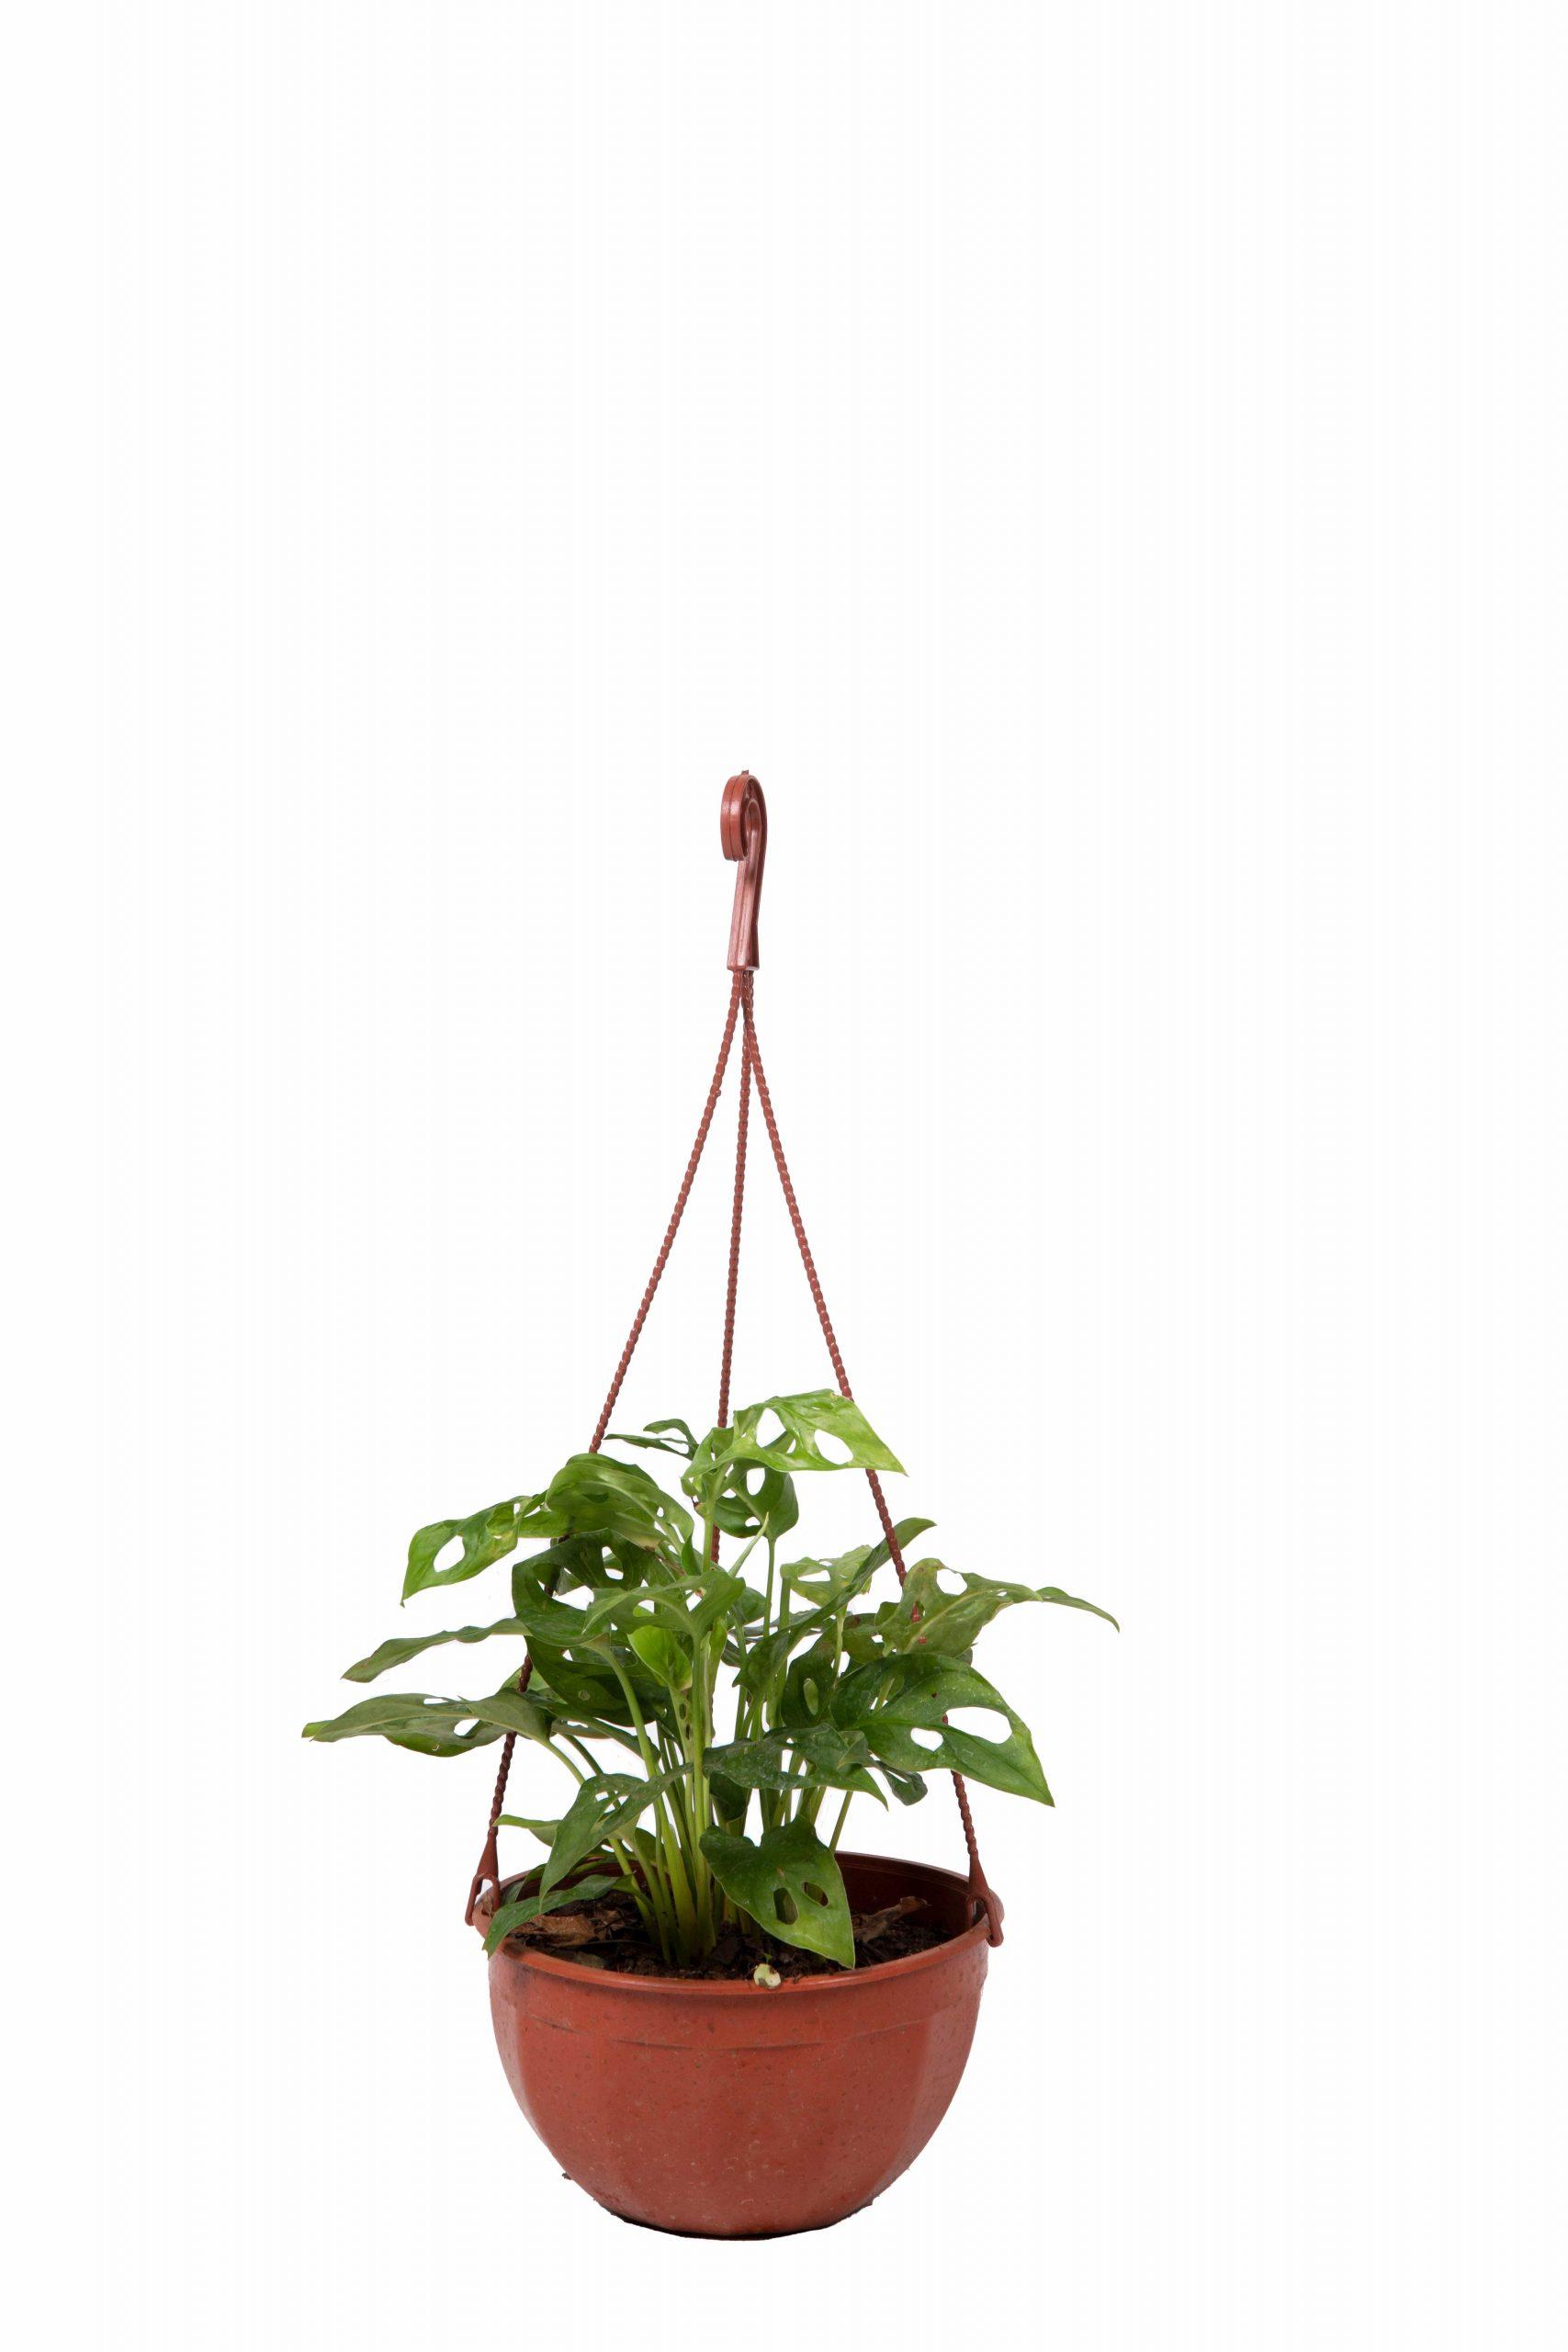 Monstera Adansonii bols 18 cm (Philodendron peruviano)